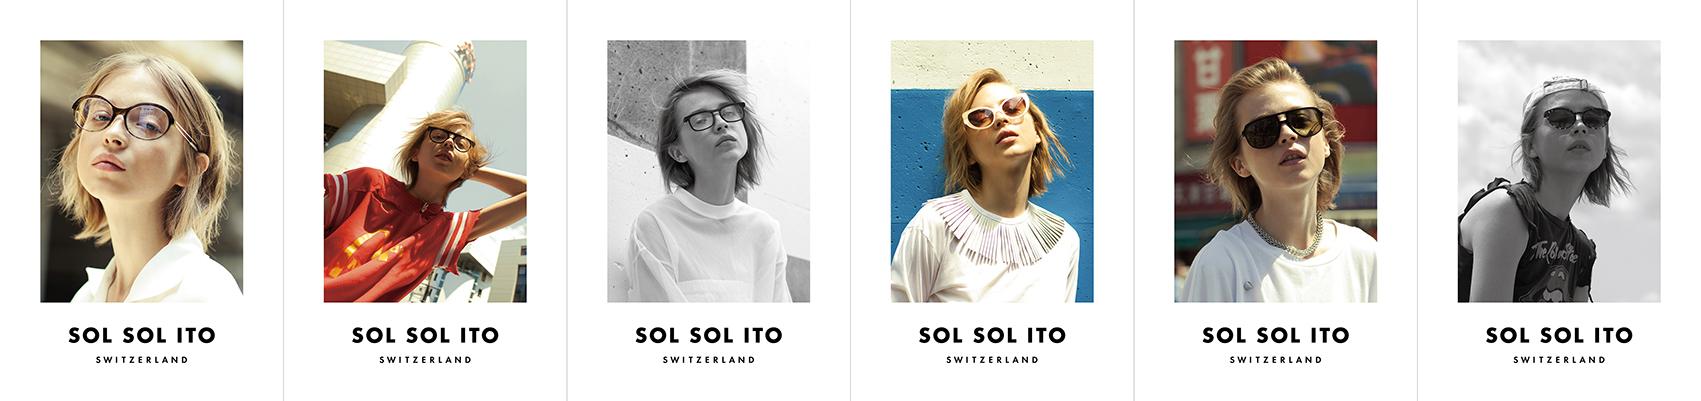 SOL SOL ITO_2016SS